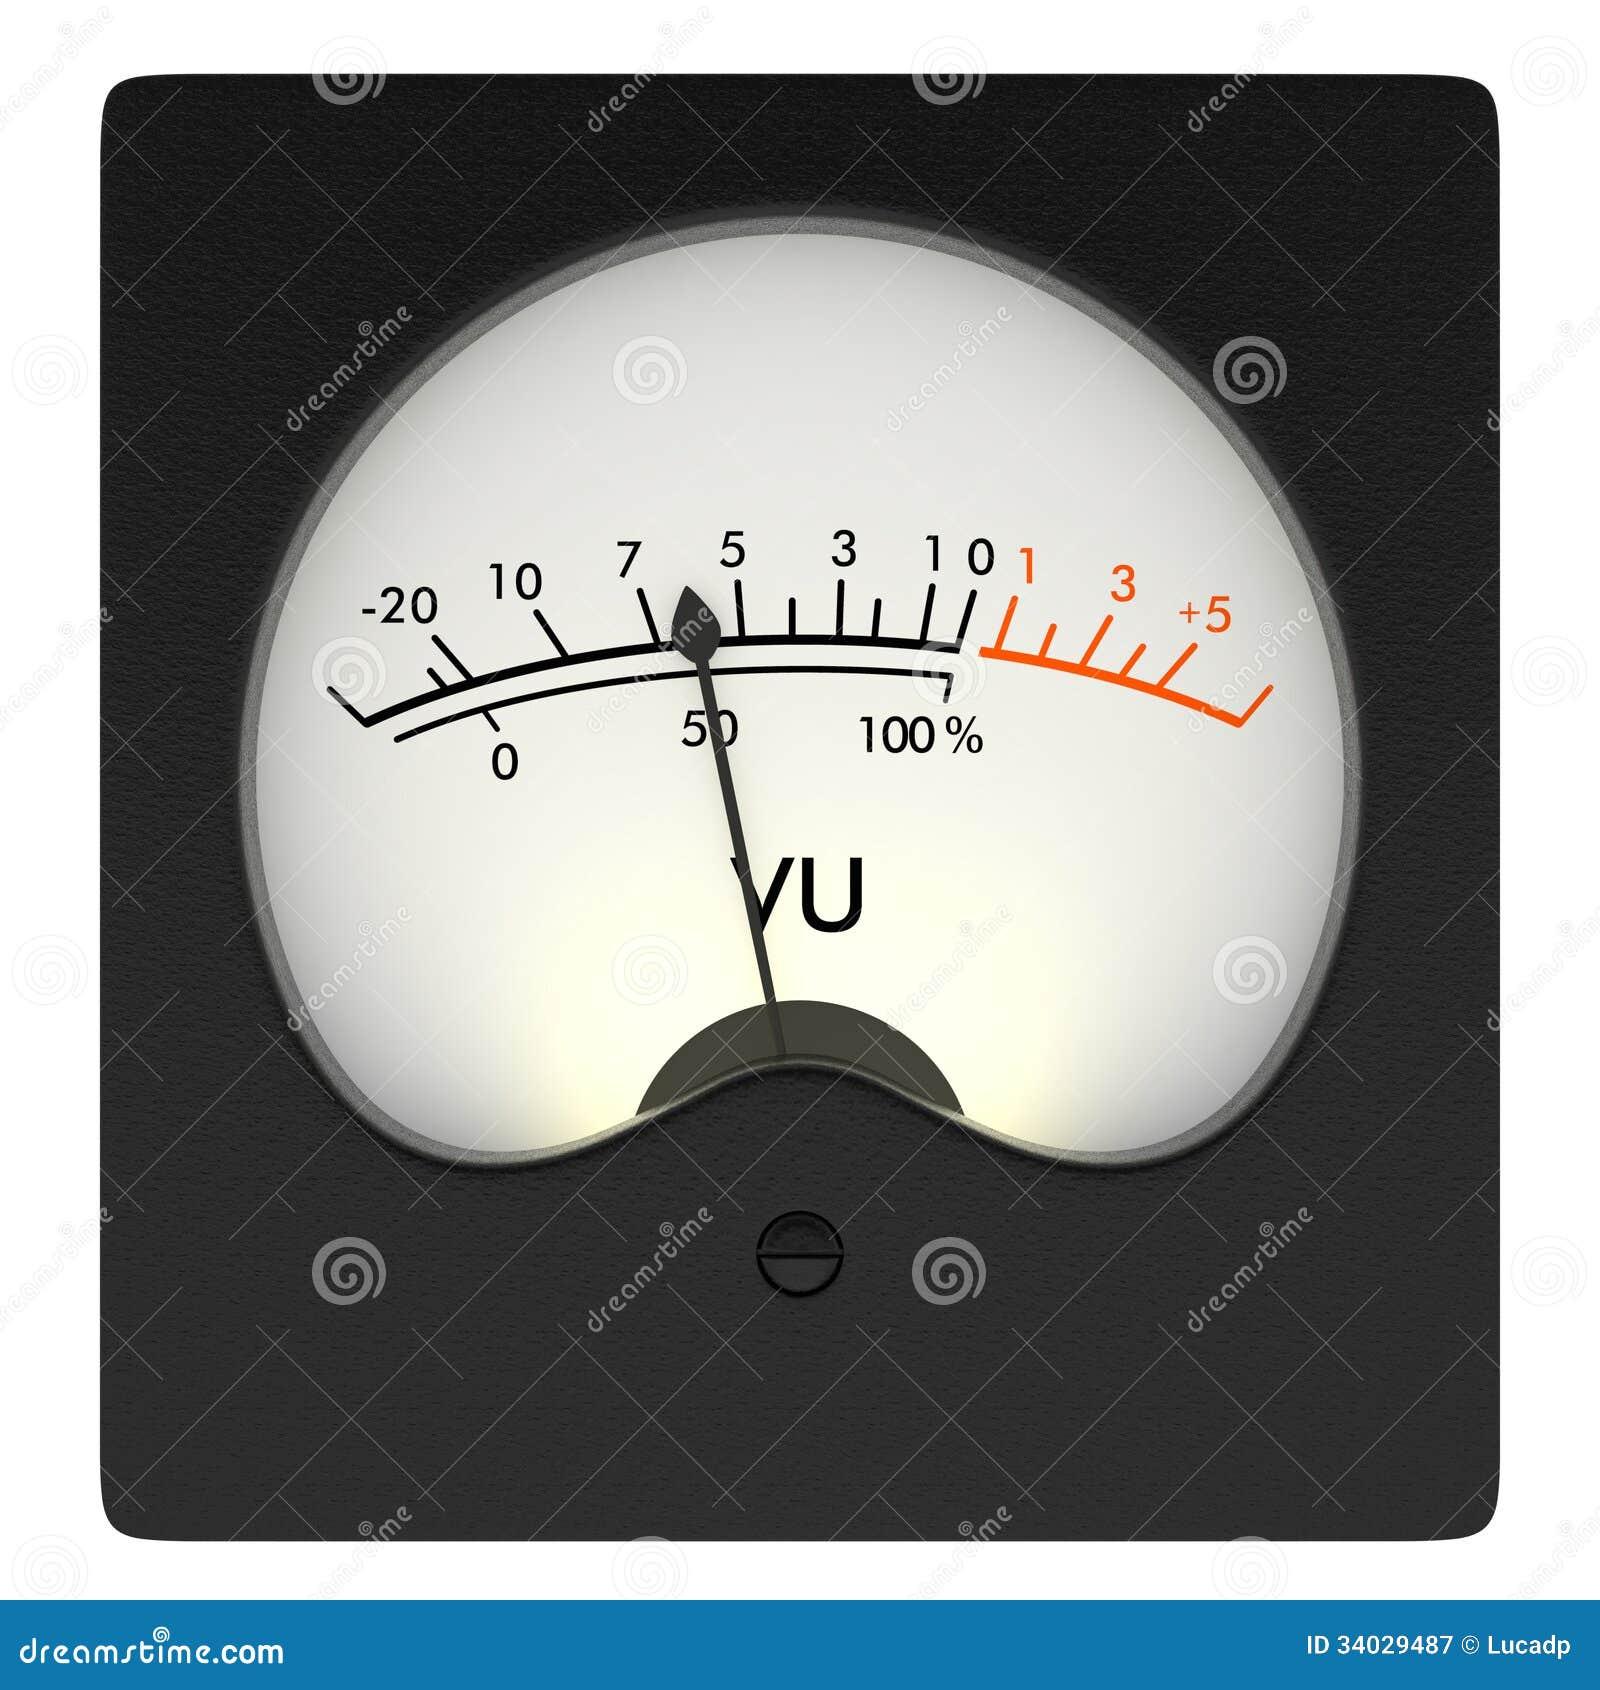 Analog Meter Background : Analog vu meter royalty free stock photography image